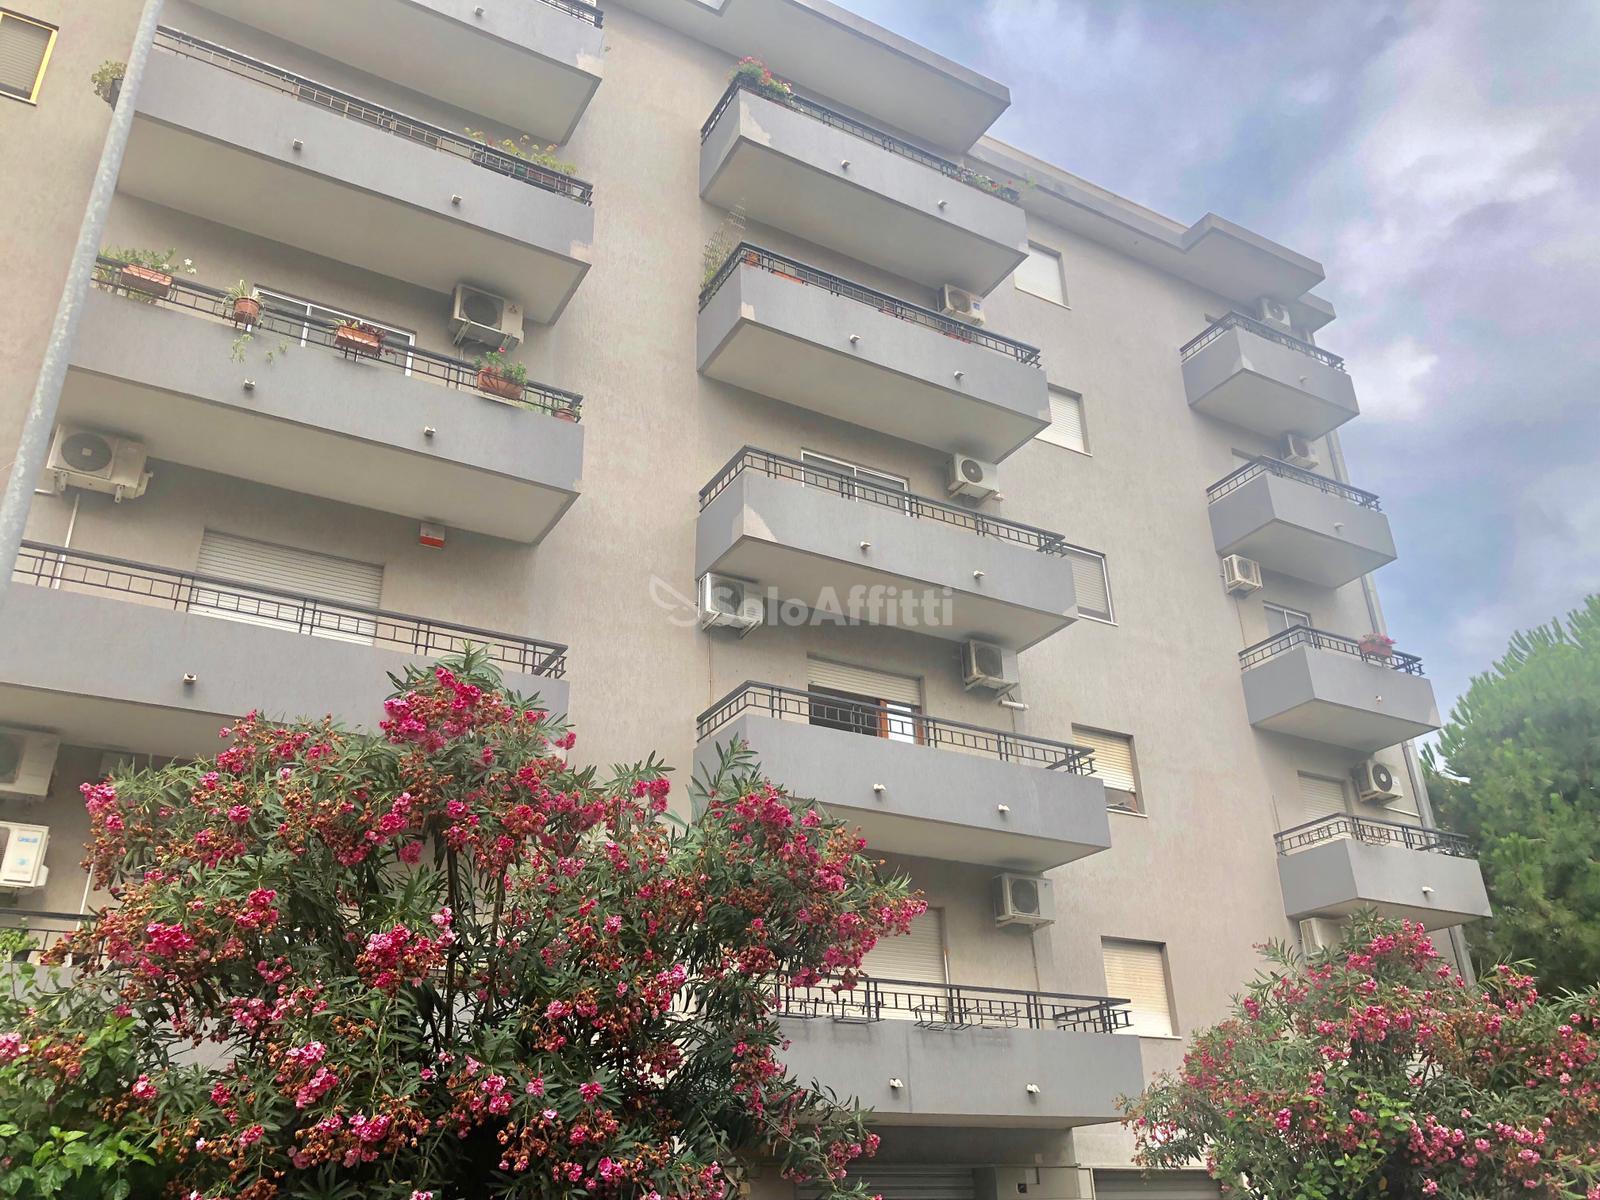 Appartamento Quadrilocale Arredato 5 vani 160 mq.